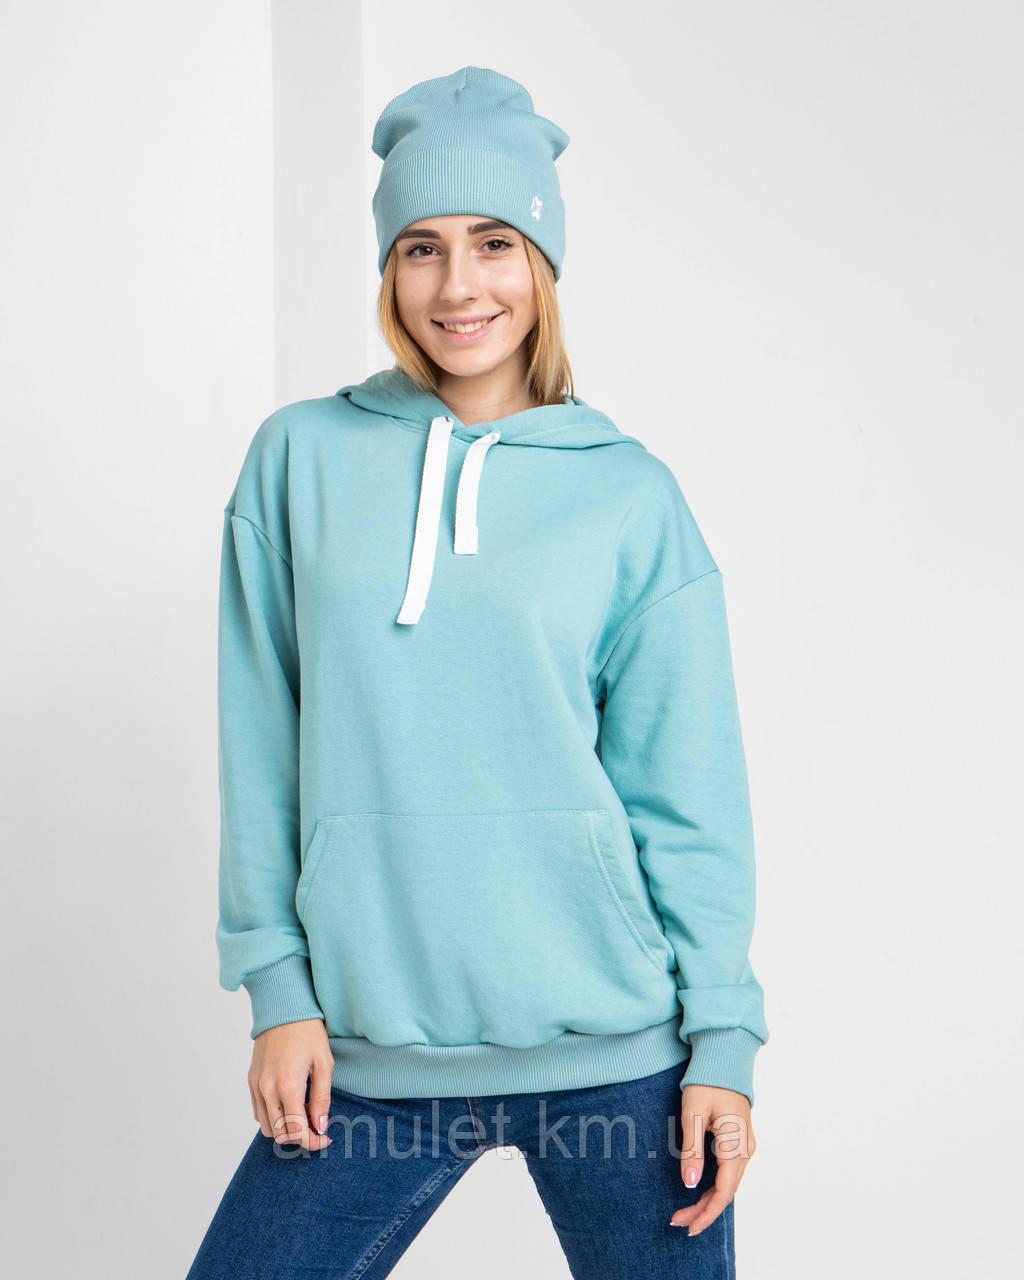 Худі UNISEX (для жінок і чоловіків). Бірюзовий колір. Розмір XS.